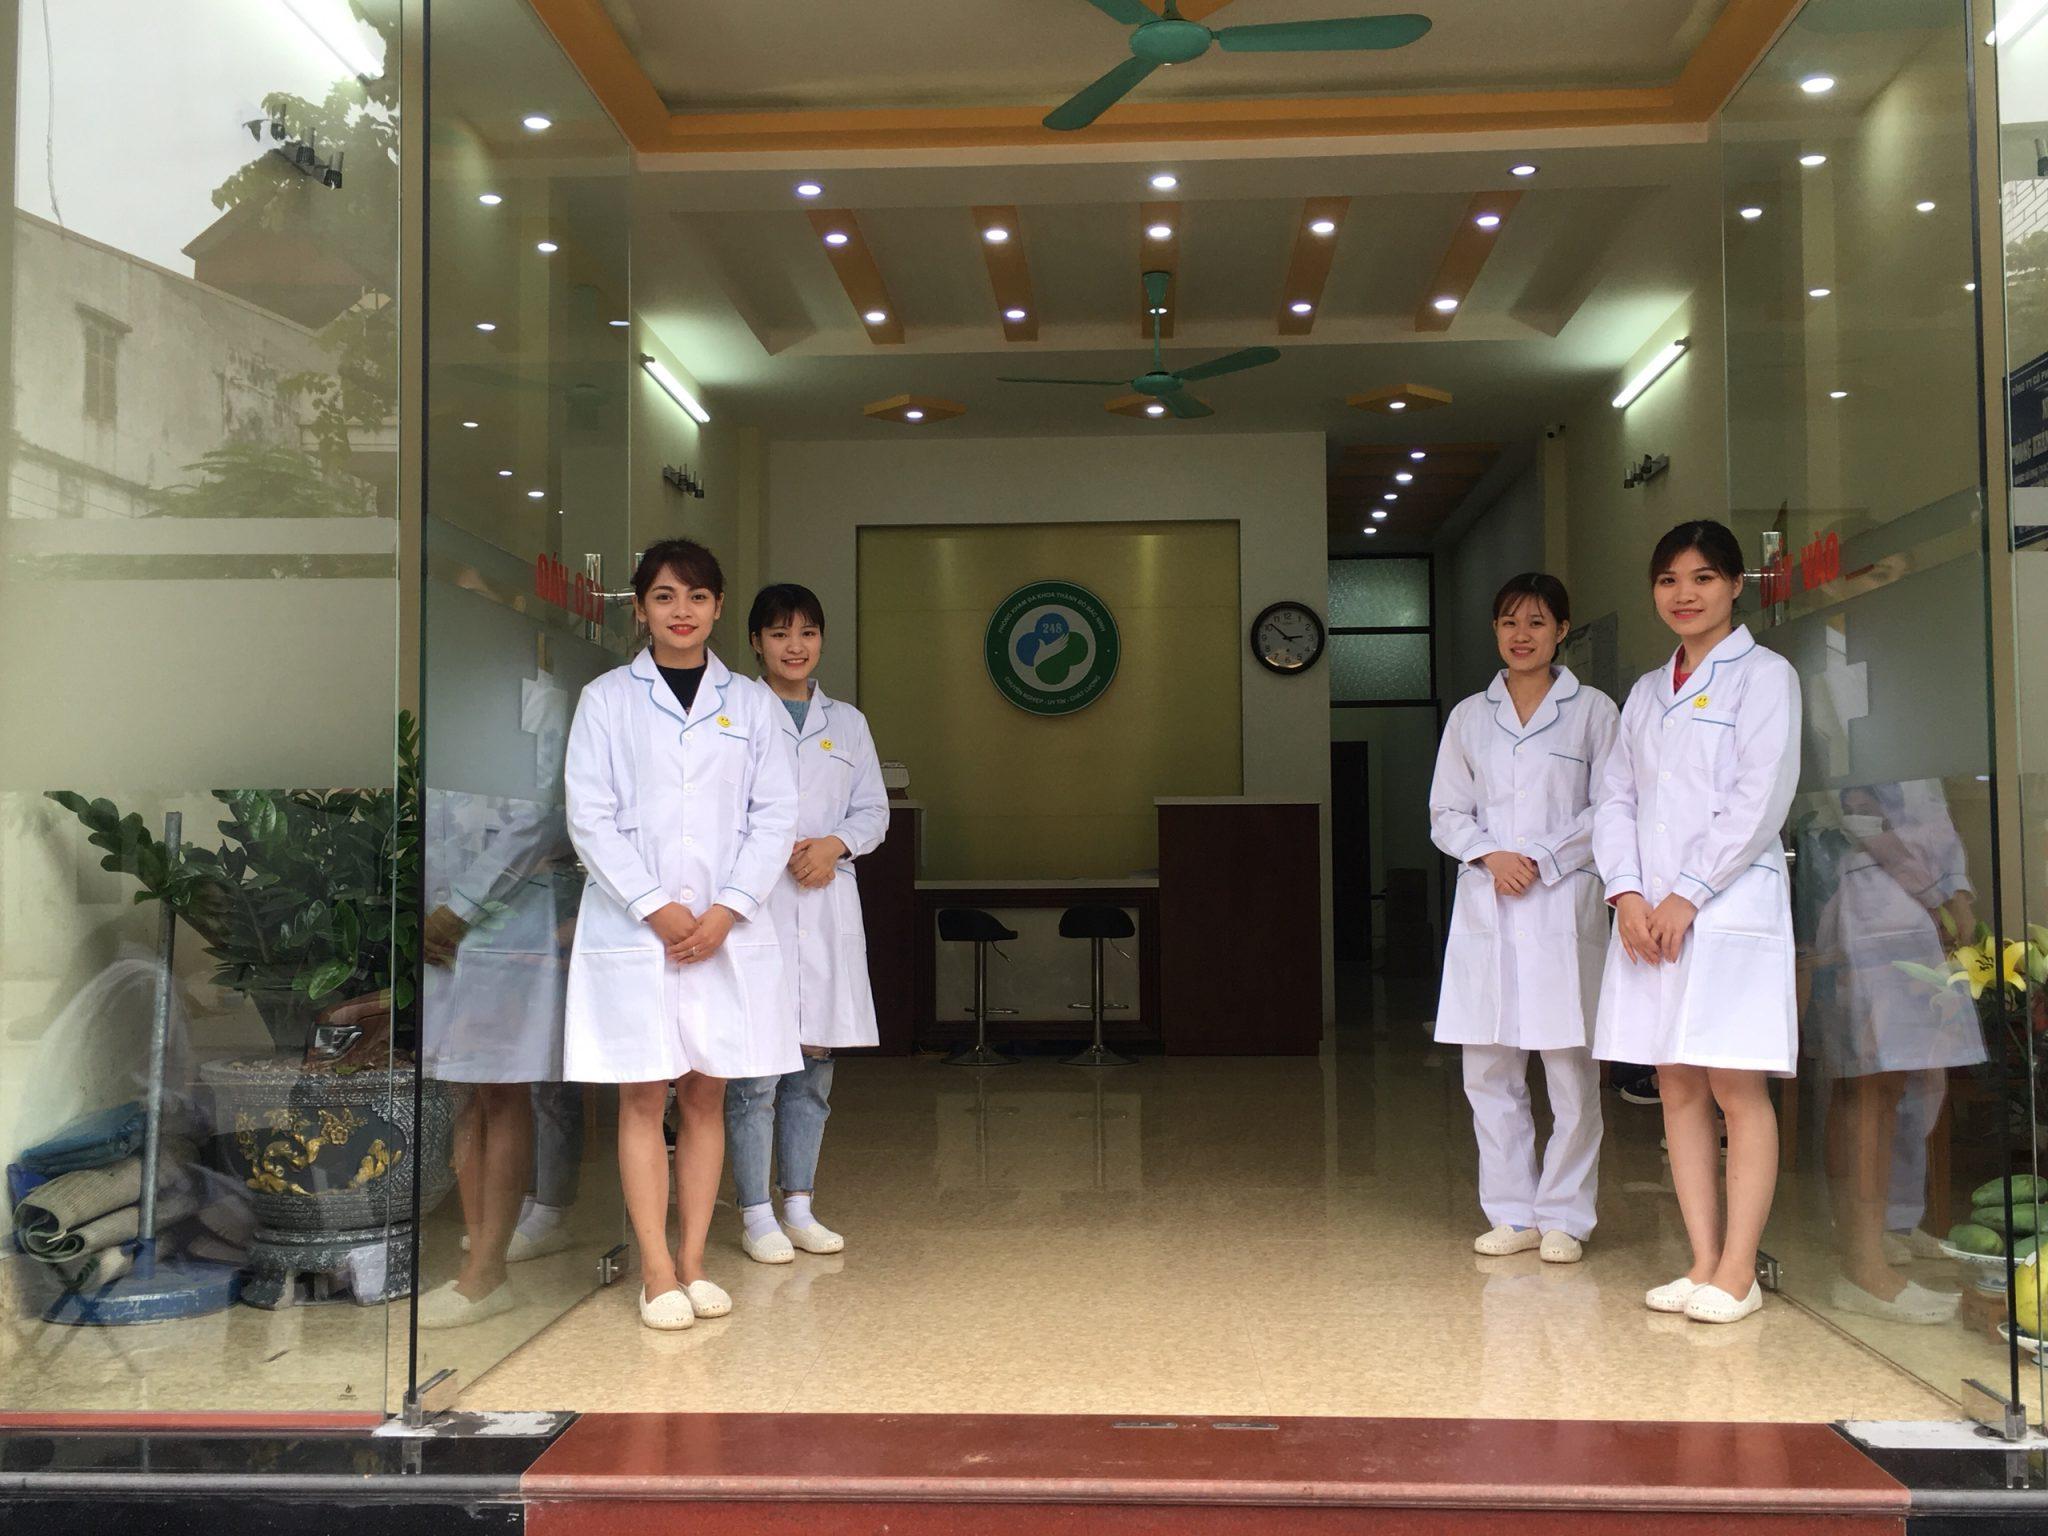 Phòng khám phụ khoa Thành Đô là địa chỉ uy tín chất lượng